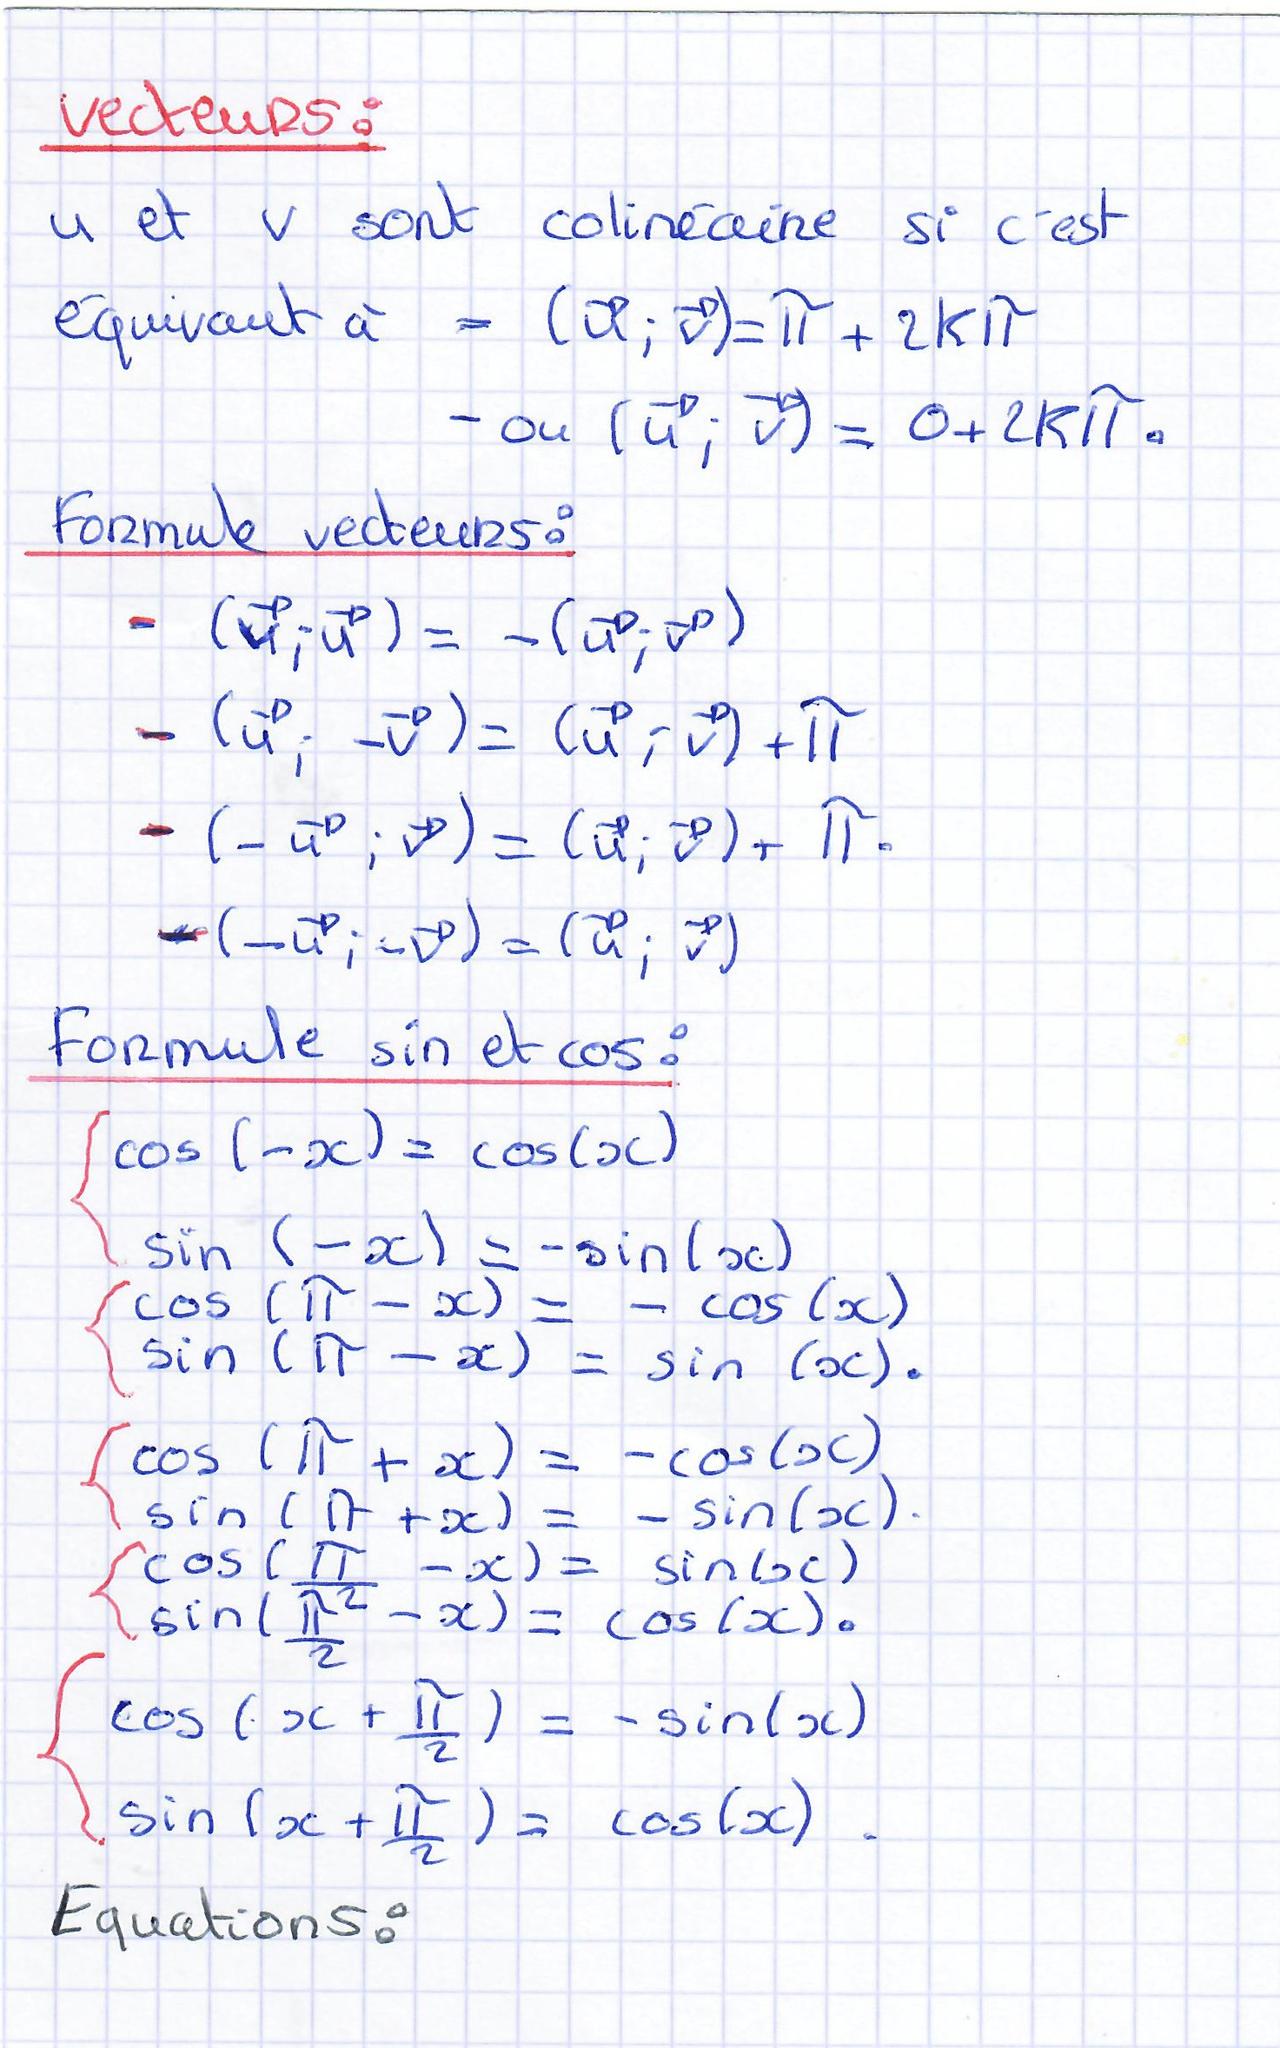 """Trigonométrie En 1S En Mode """" Cahiers De Vacances"""" - Maths dedans Cahier De Vacances 1Ere S"""